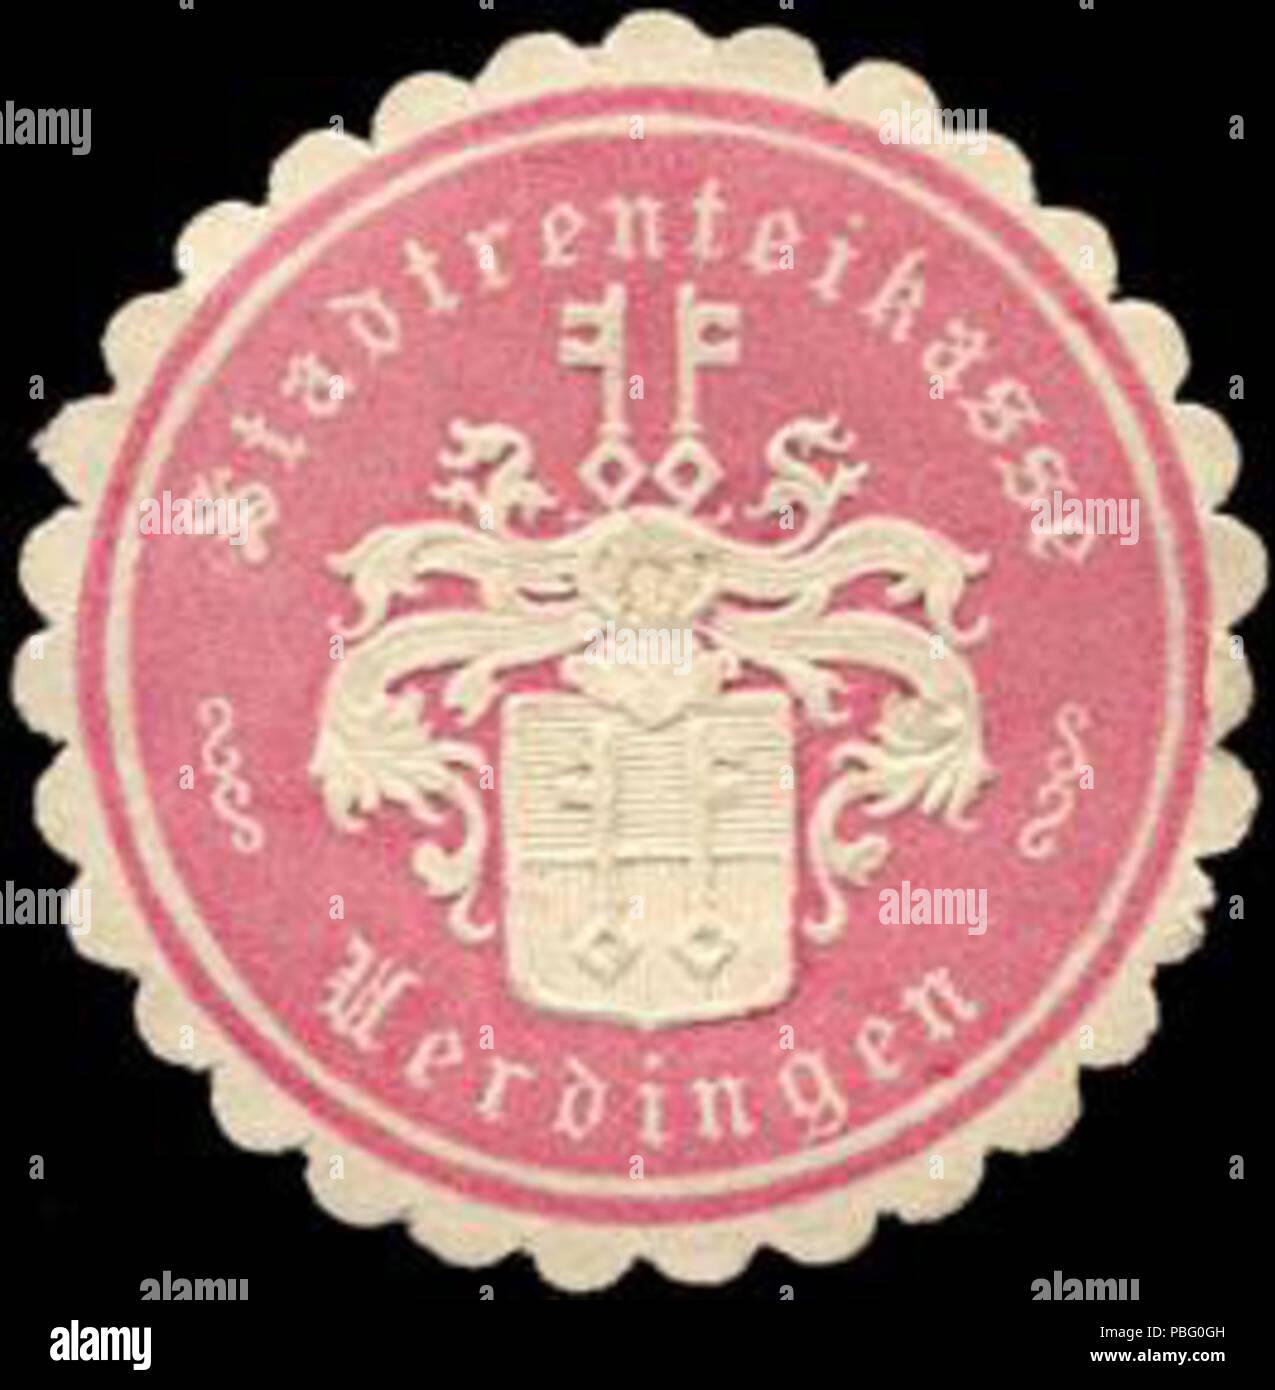 1528 Siegelmarke Stadtrenteikasse - Uerdingen W0216983 - Stock Image